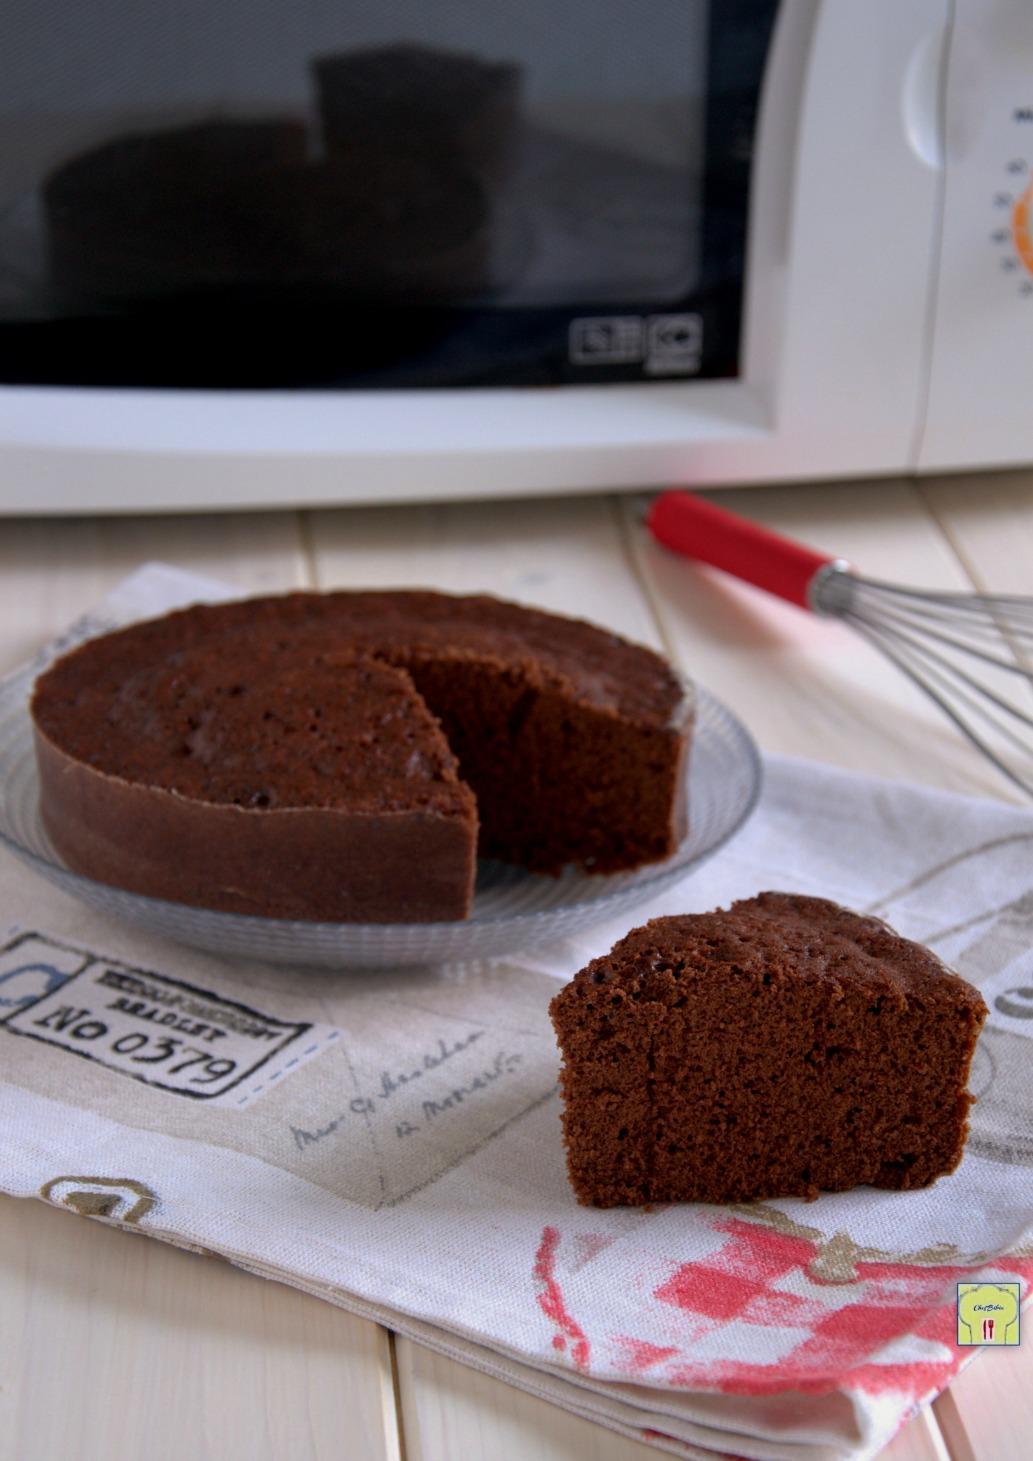 Torta al cioccolato al microonde ricetta velocissima for Microonde ricette